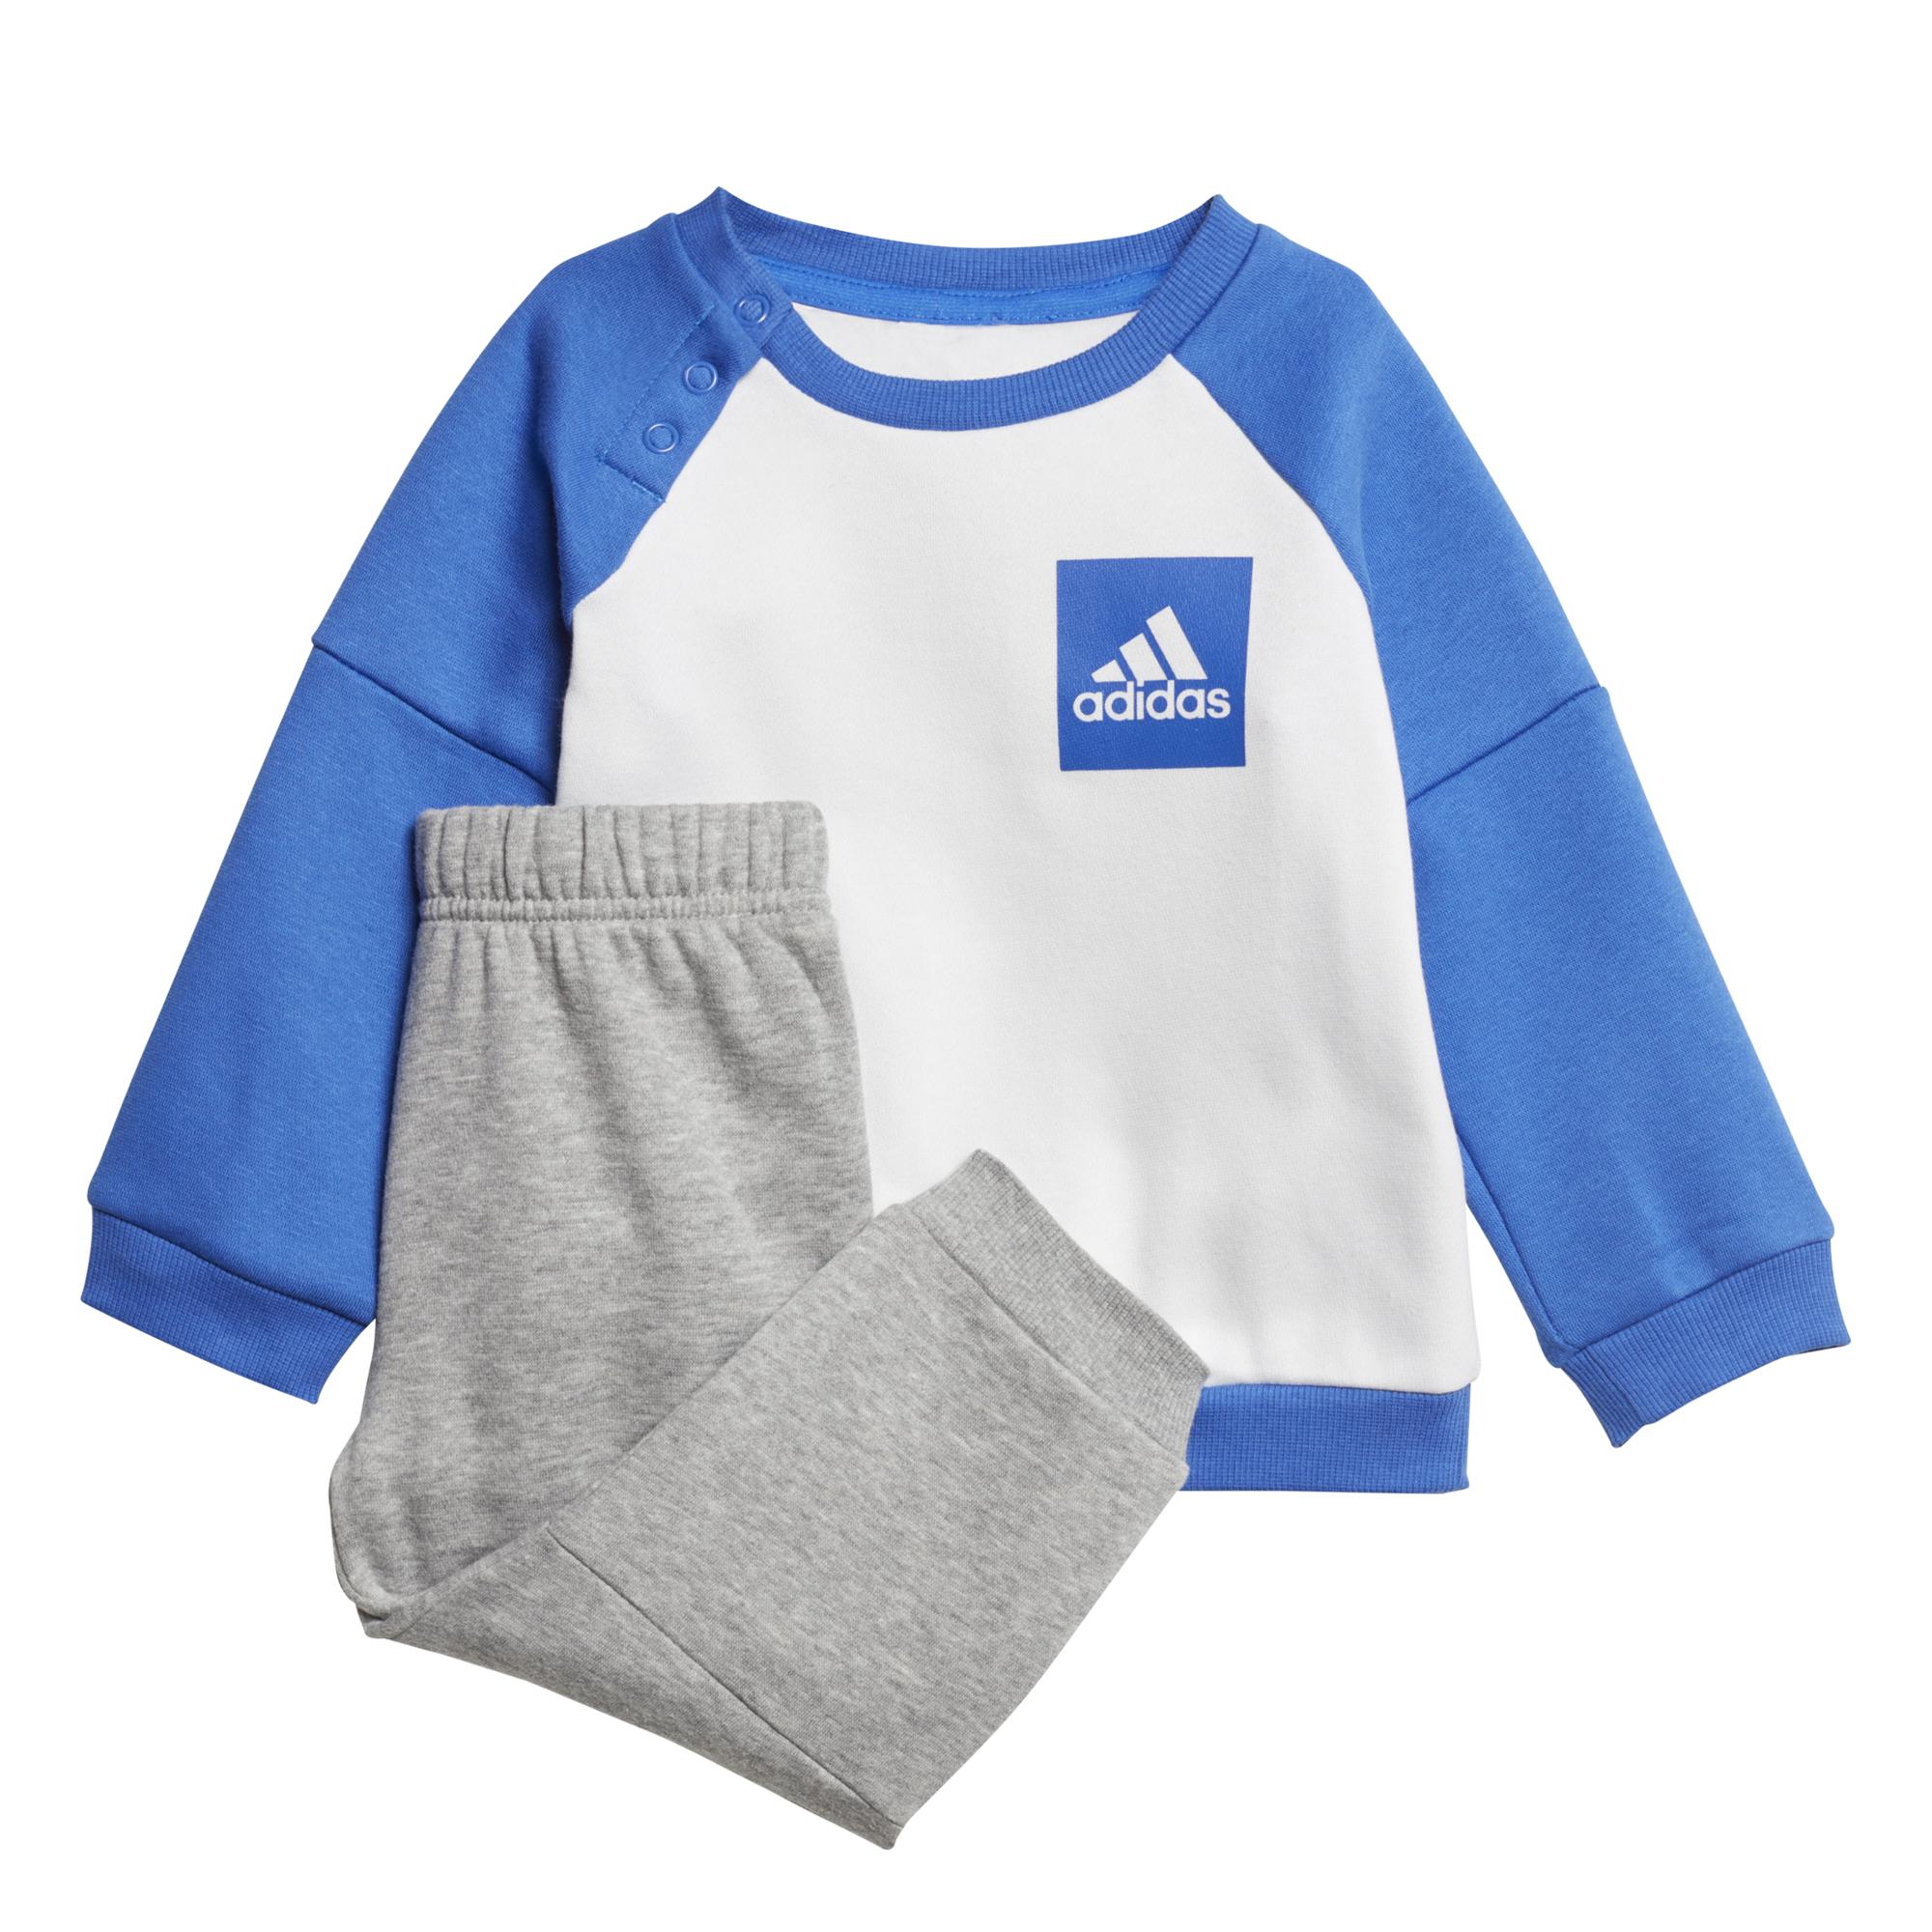 49e097bec861 adidas FLEECE JOG detská súprava